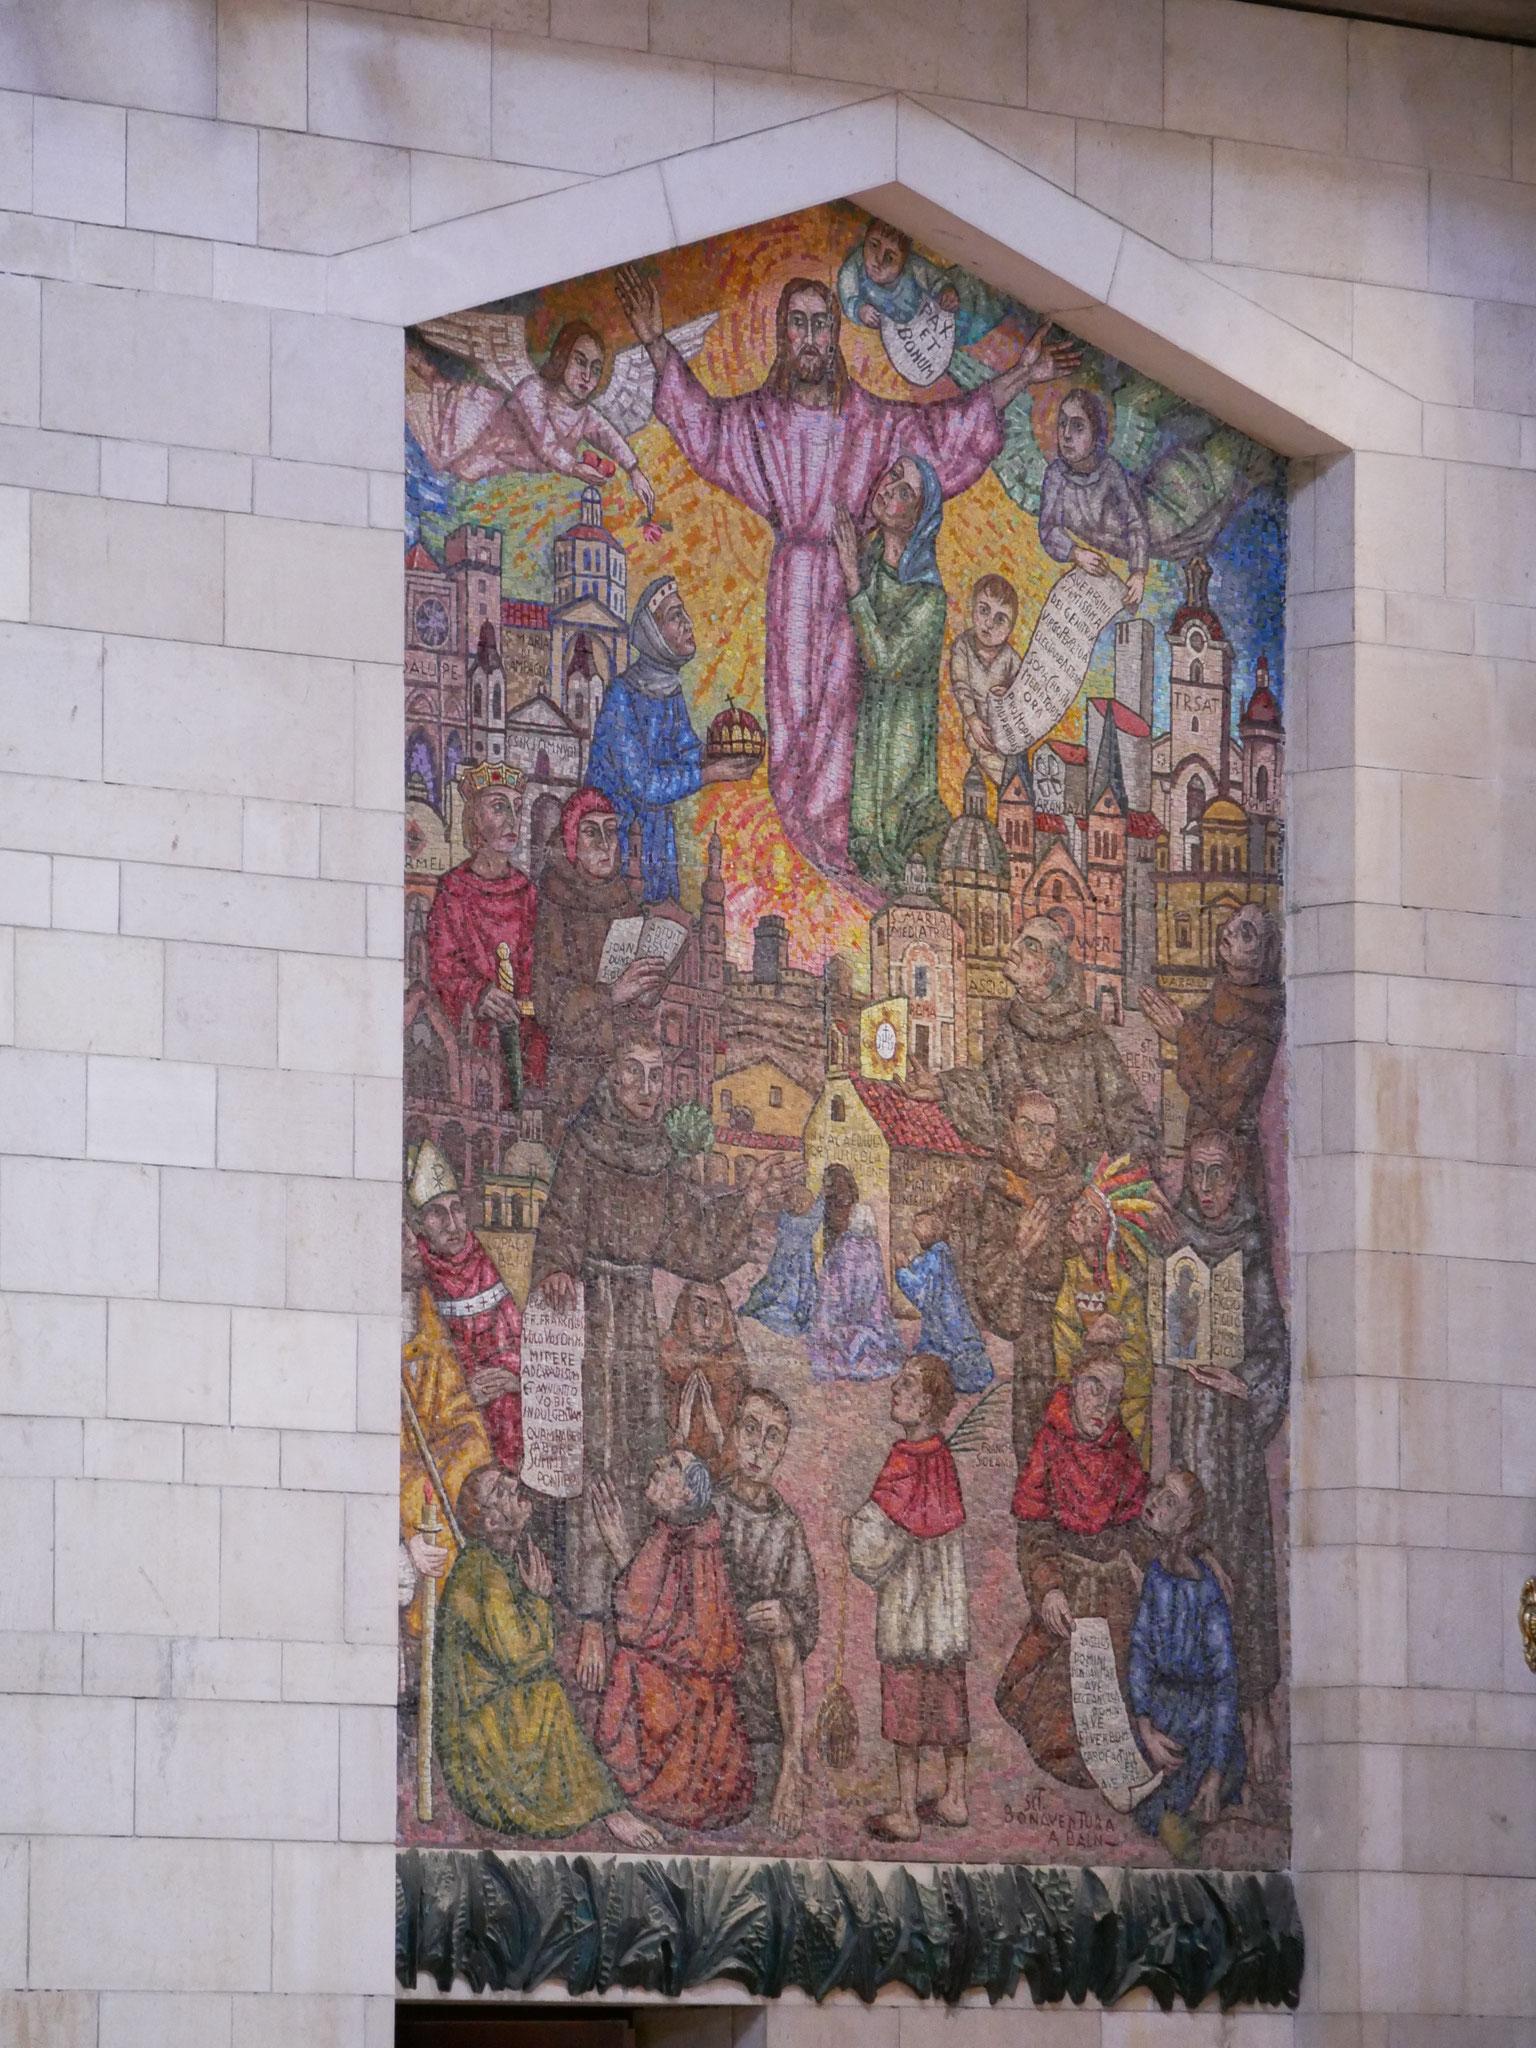 Wandteppich in der Basilika - auf dem alle franiskanischen Wallfahrtorte abgebildet sind, auch Werl - oben rechts